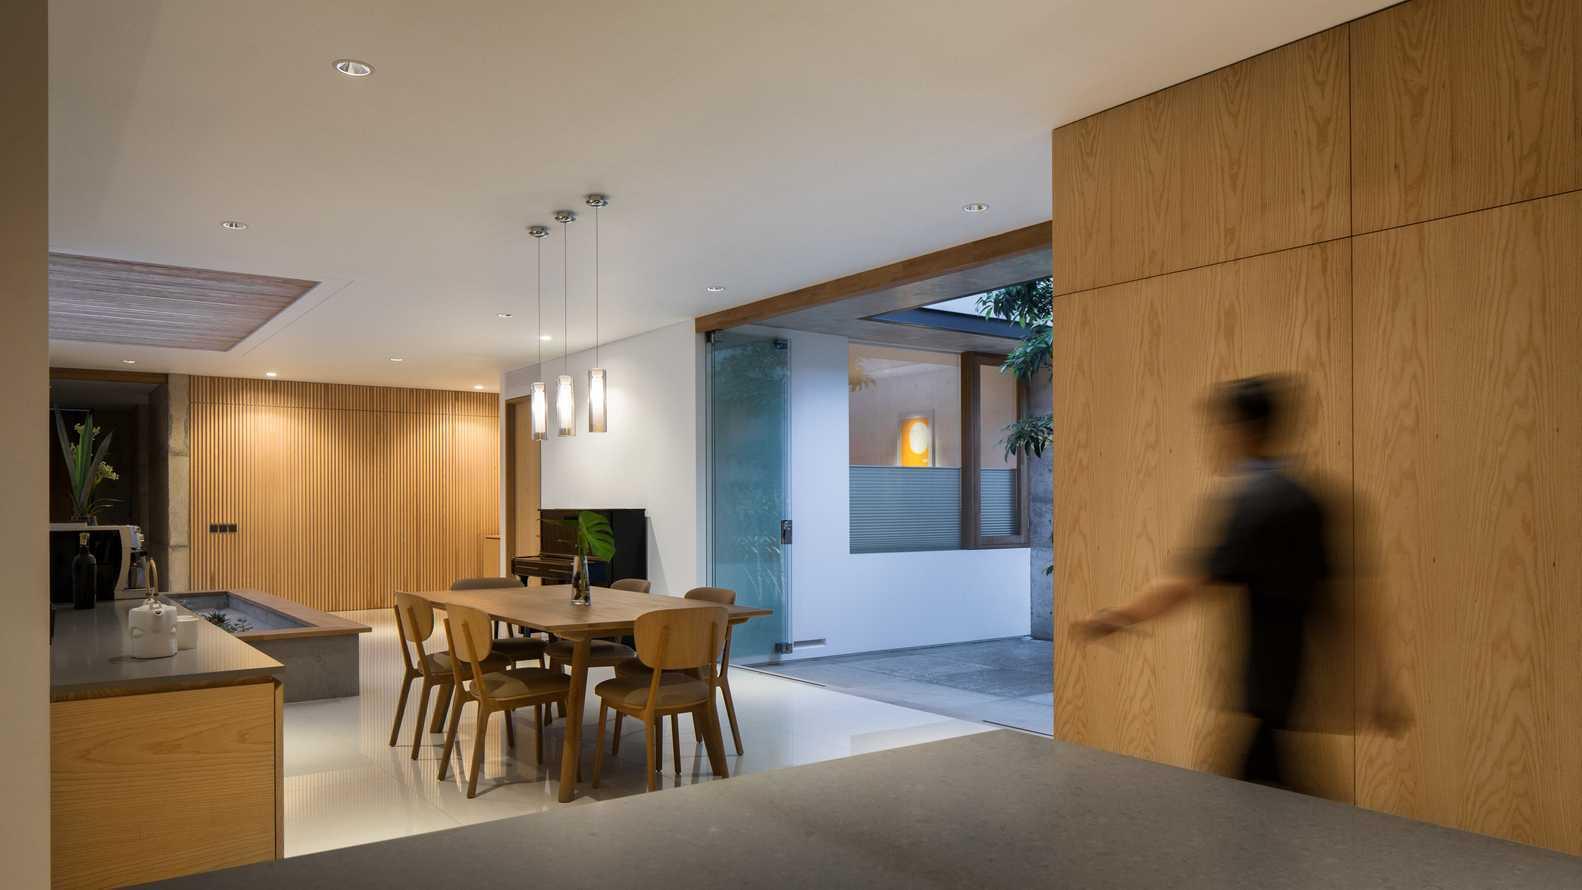 Ruang makan dengan konsep semi-outdoor (Sumber: arsitag.com)